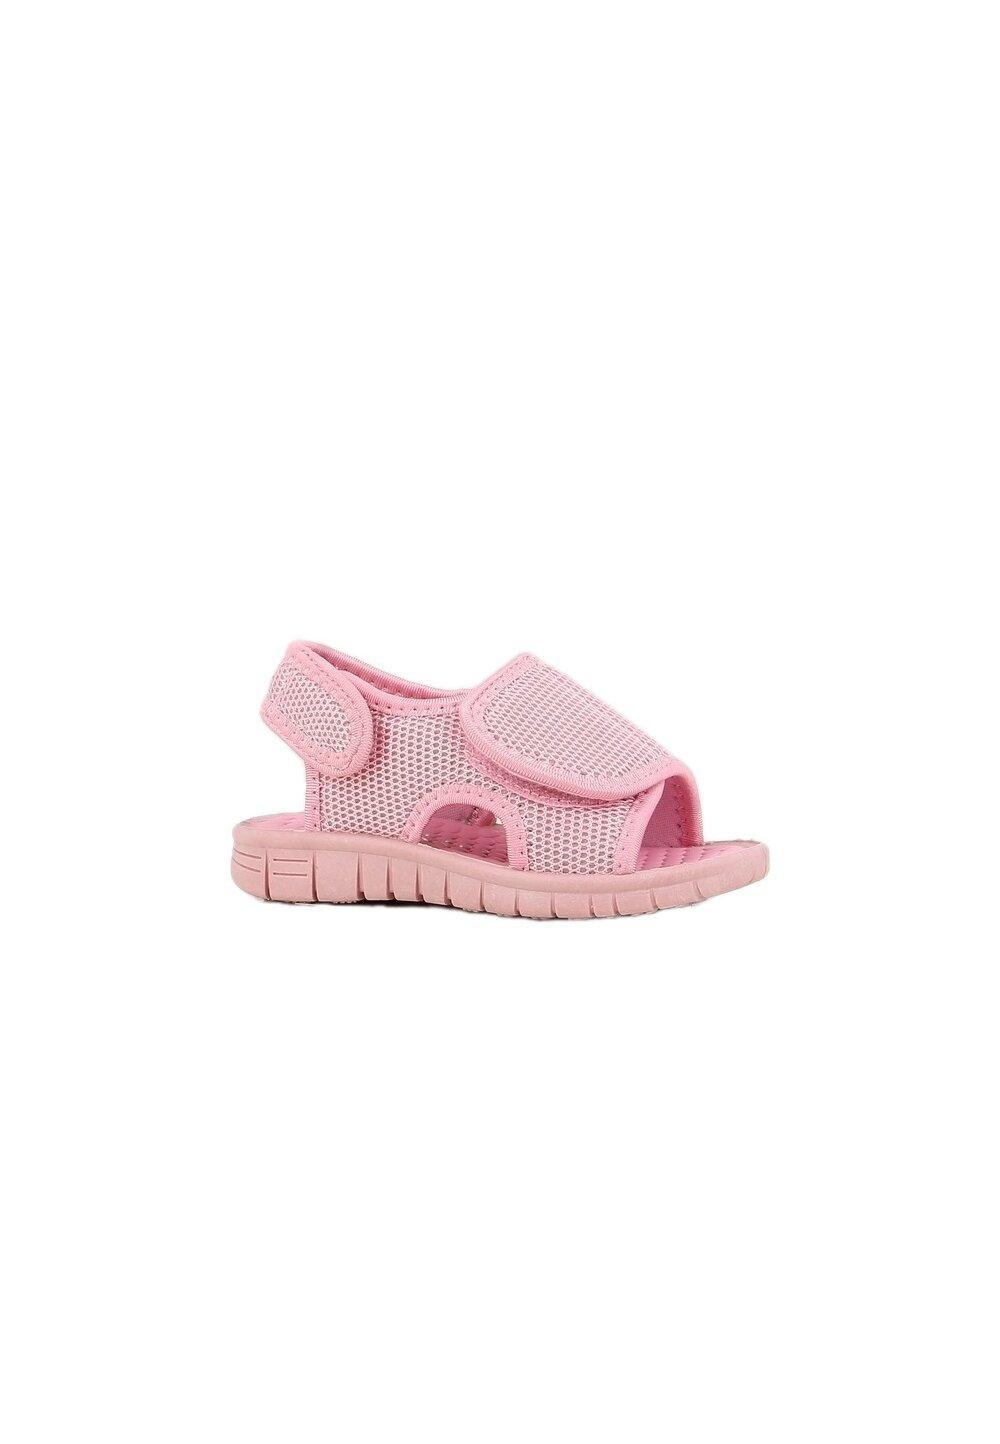 Sandale fete, Happy, roz imagine